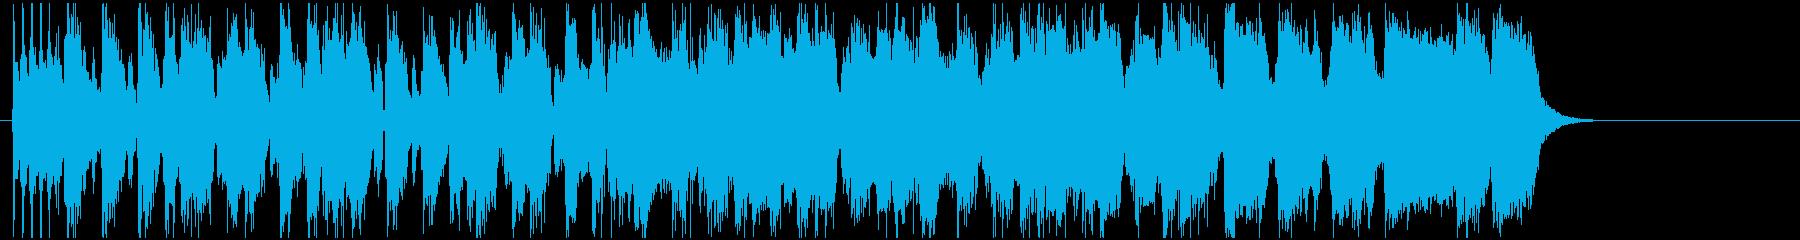 ファンキーで短いギター曲の再生済みの波形